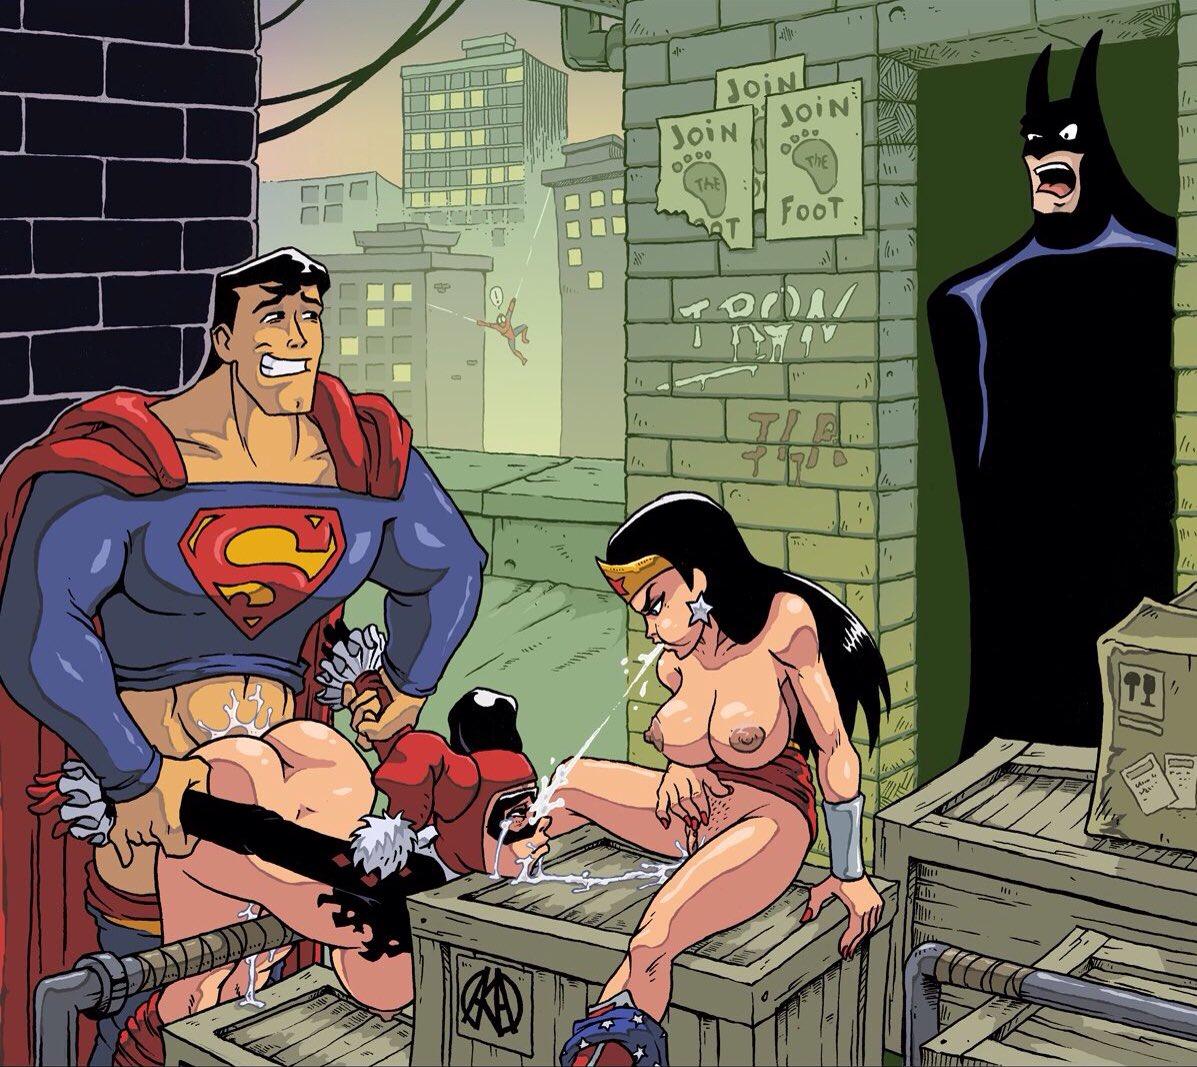 игры с сексом с супергероями - 4